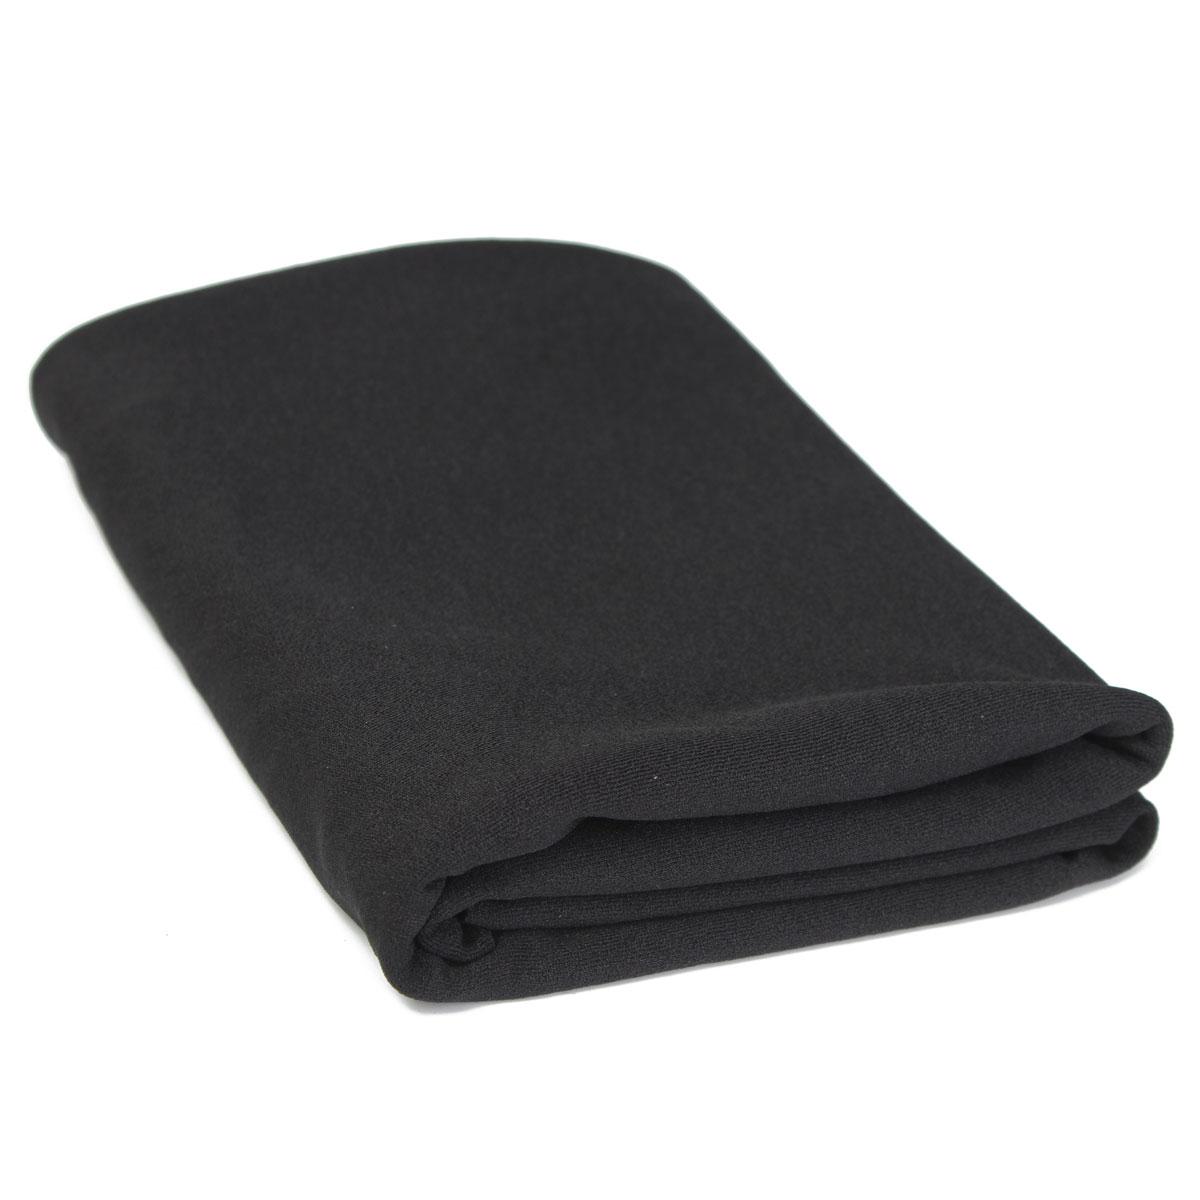 Nouveau Noir Haut-Parleur Grill De Protection Tissu Stéréo Gille Tissu Haut-Parleur Maille Tissu Épais 1.6mx0.5